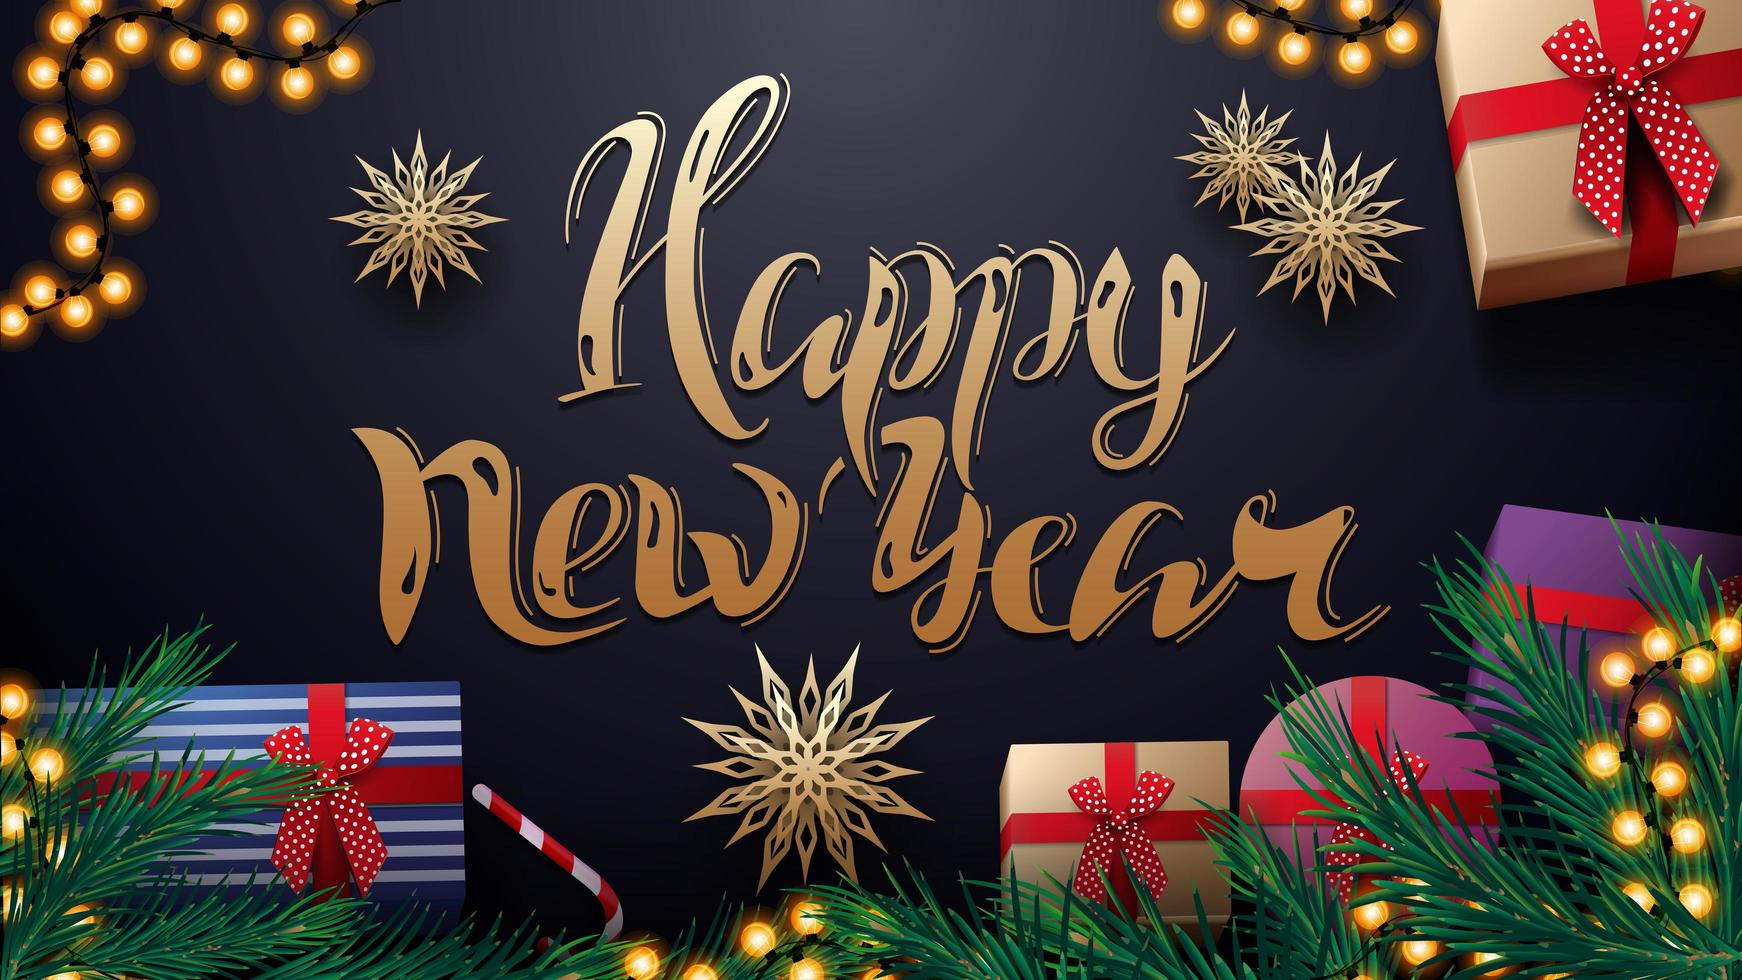 Bonne année, carte postale bleu foncé avec guirlande, flocons de neige en papier or, titre en or et cadeaux avec des branches d'arbre de Noël, vue de dessus vecteur